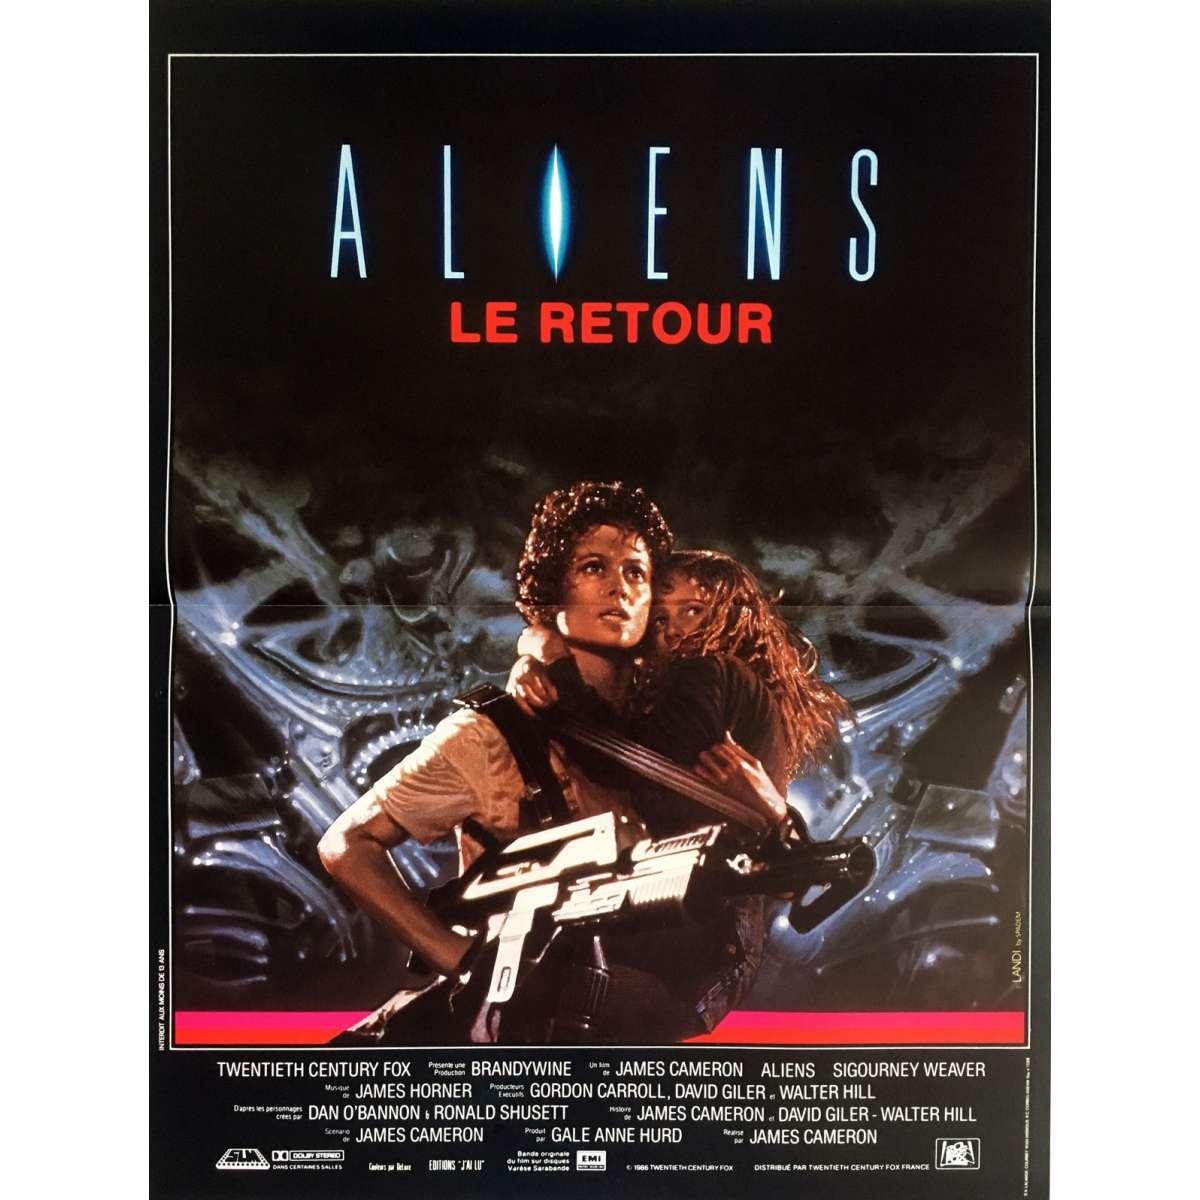 Aliens Le retour By James Cameron Affiche Poster Movie